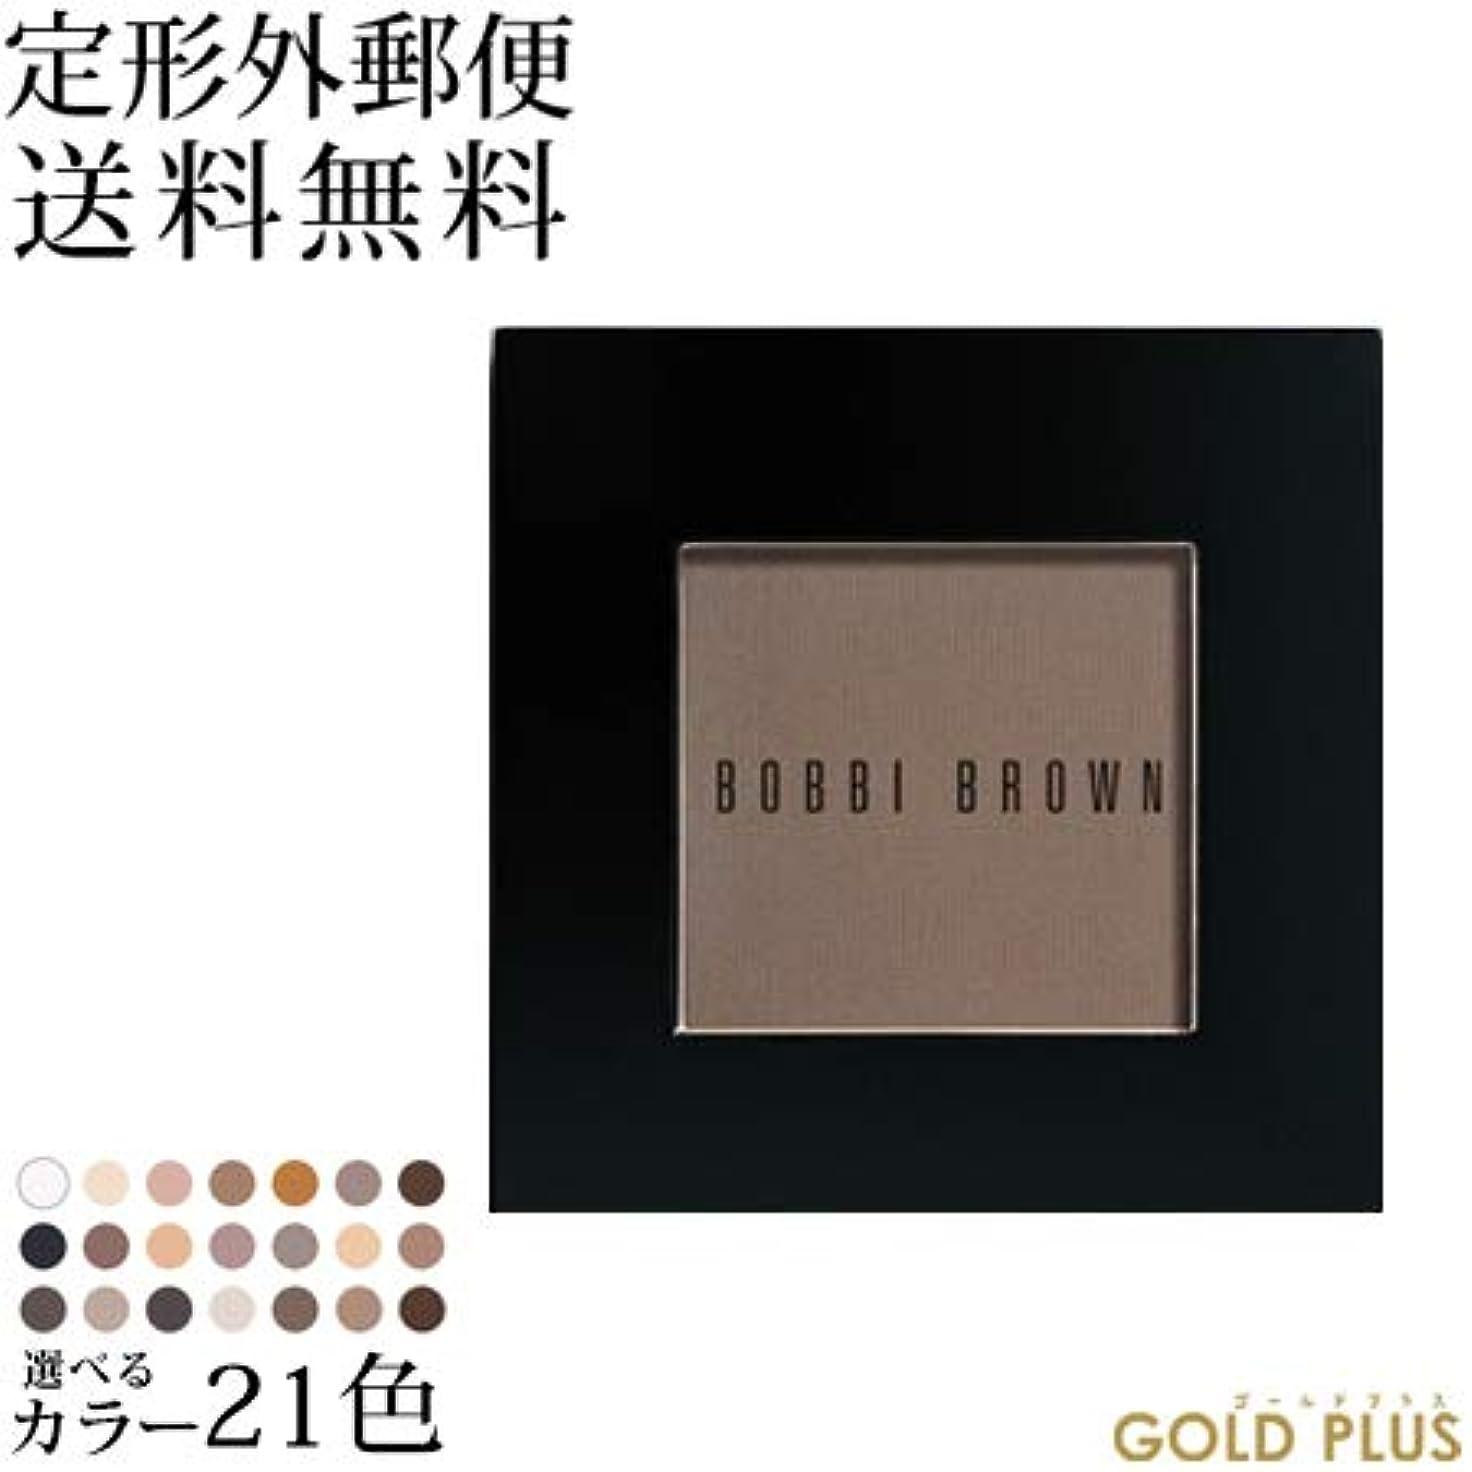 回転する通貨噴火ボビイブラウン アイシャドウ 選べる全21色 -BOBBI BROWN- トープ